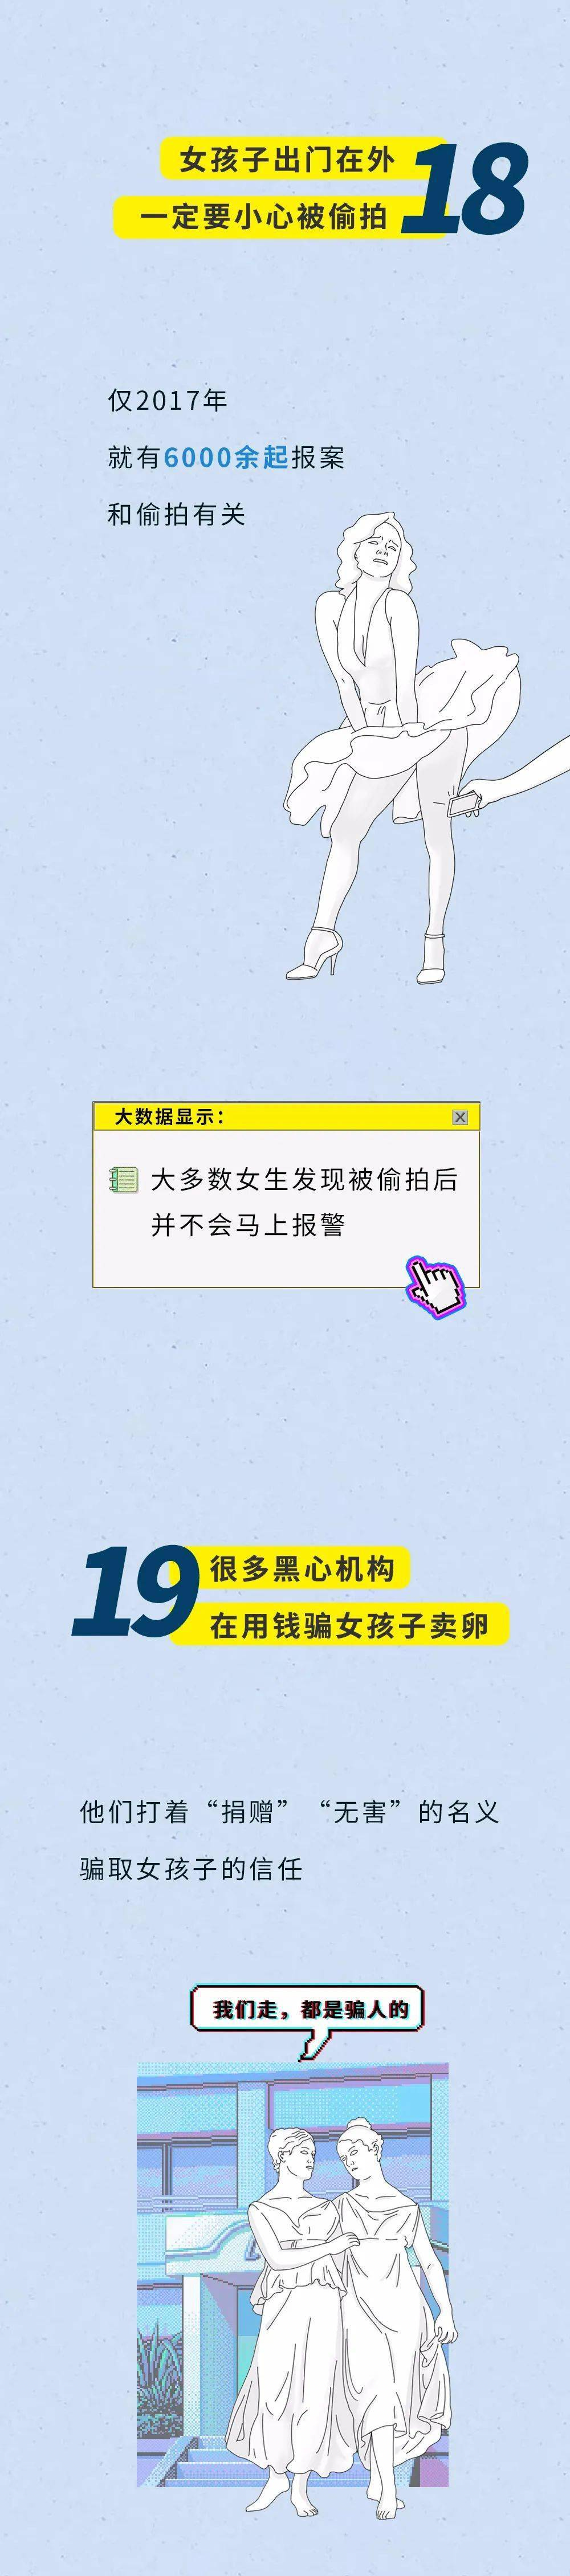 赢咖4平台招商-首页【1.1.5】